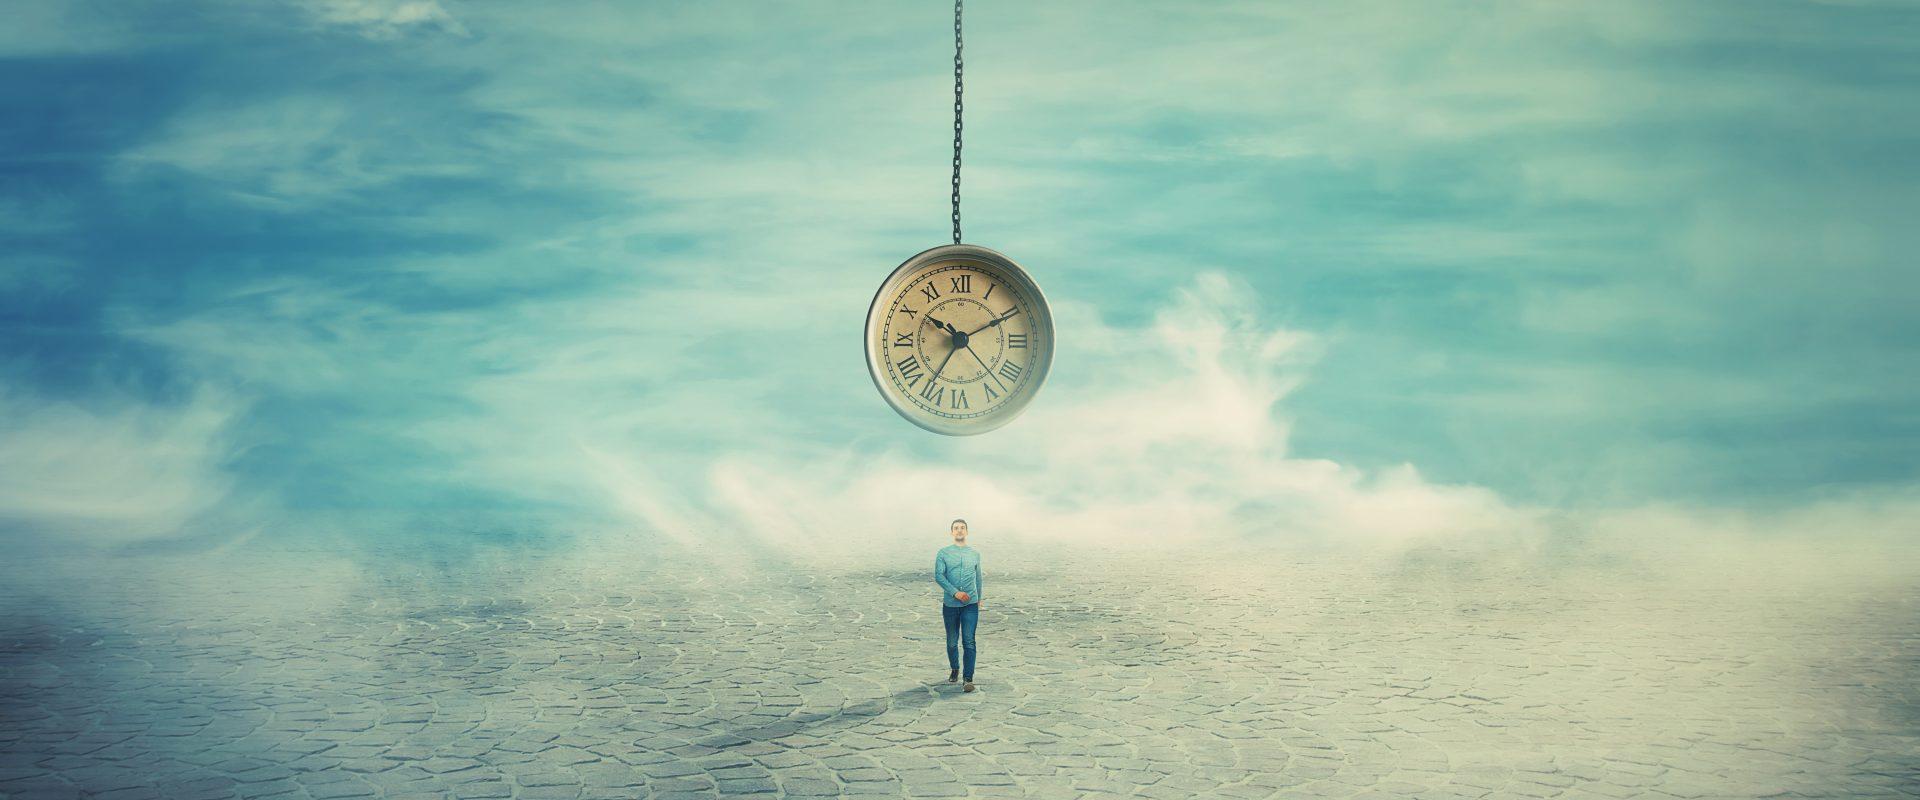 Eine Person geht über einen Platz, über ihr schwebt eine Uhr, umgeben von Wolken.